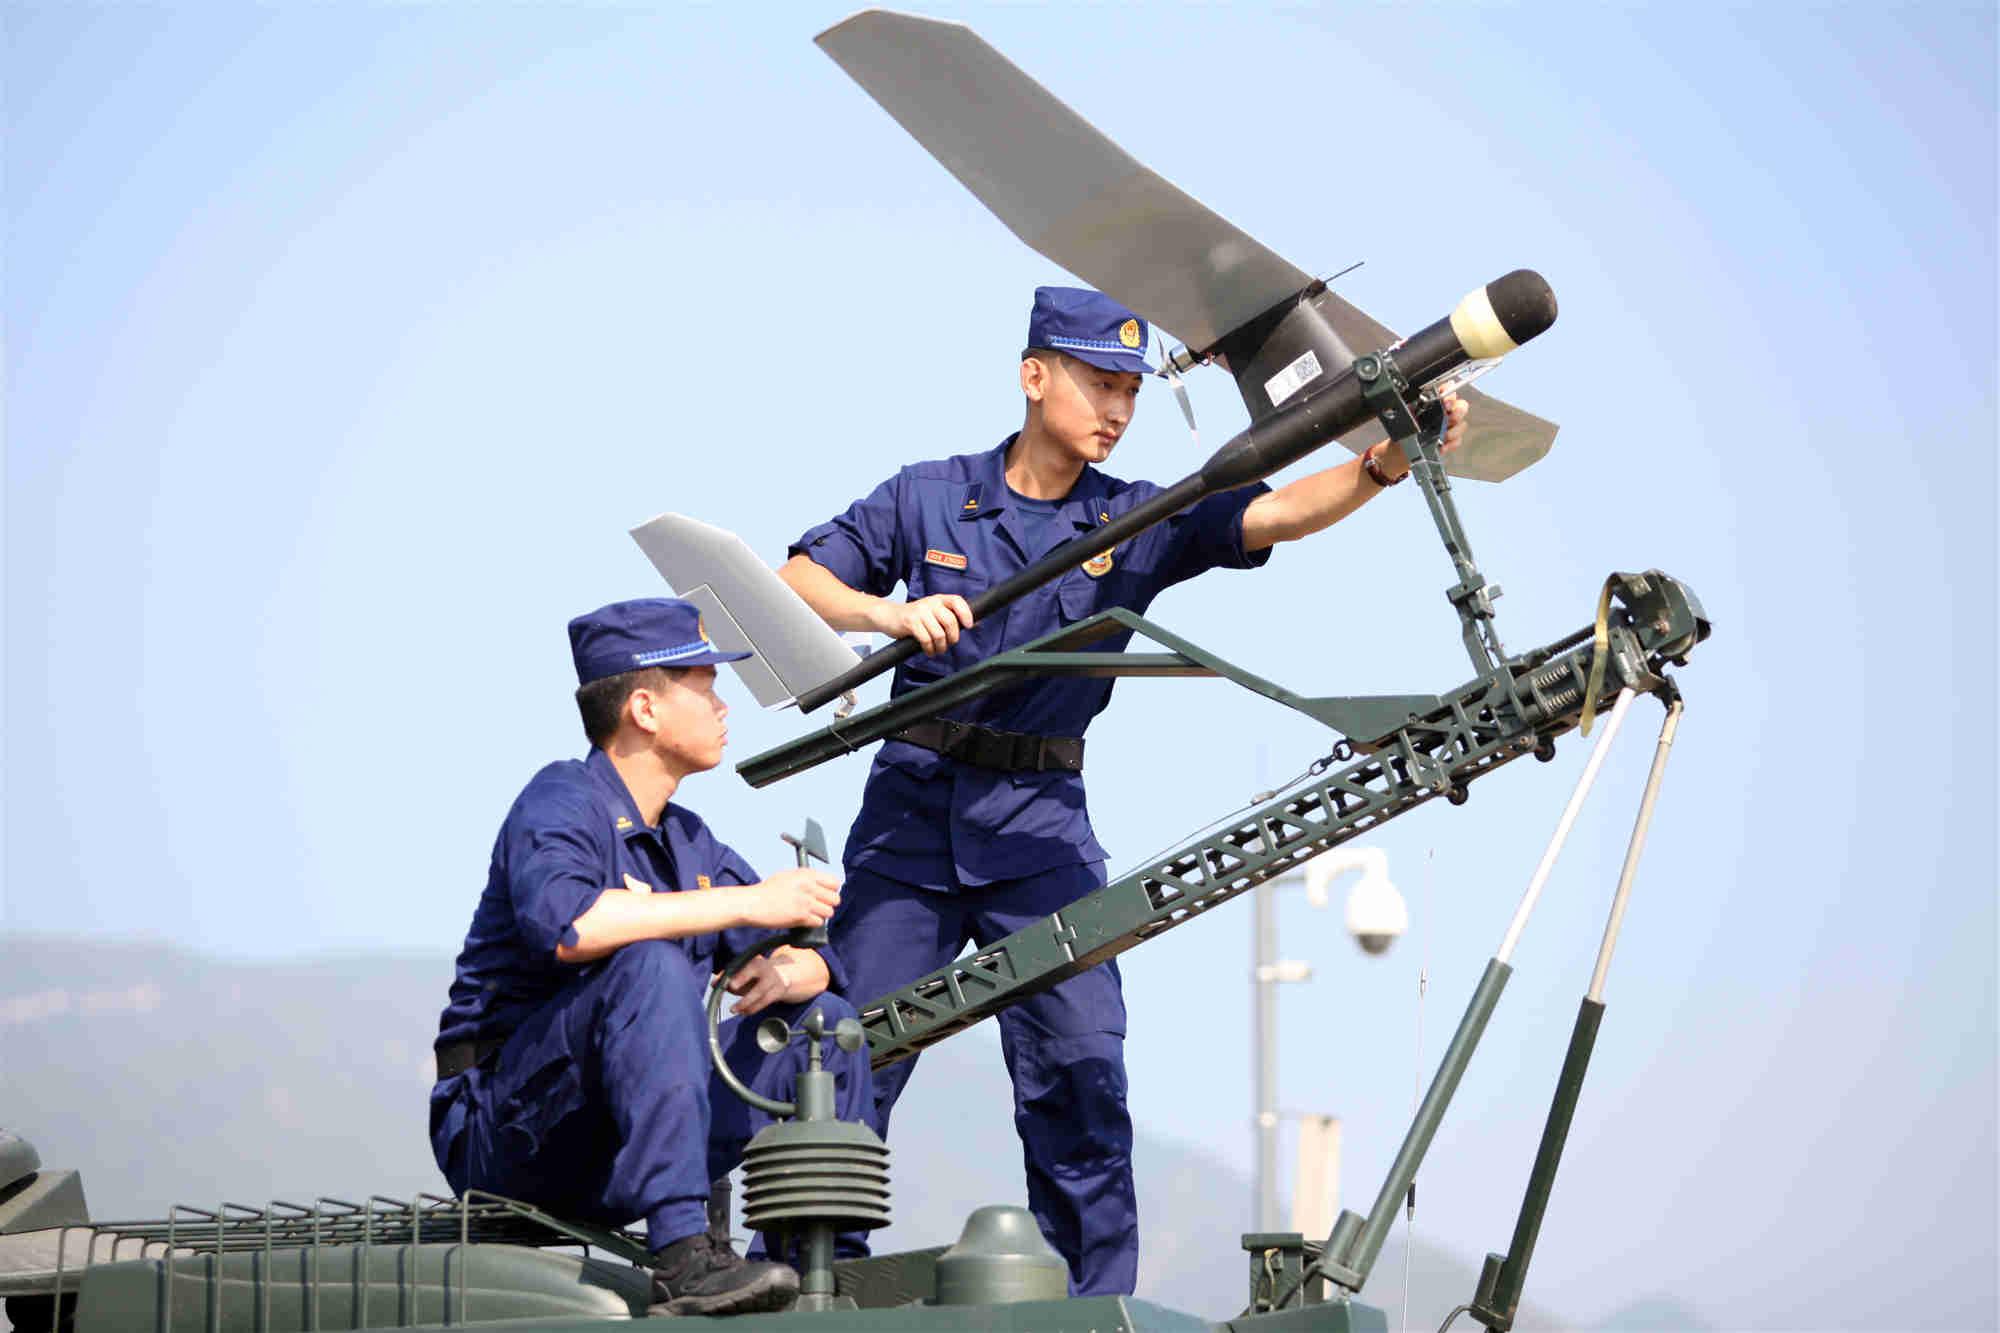 无人机助力消防救援智慧应急插上科技飞翼